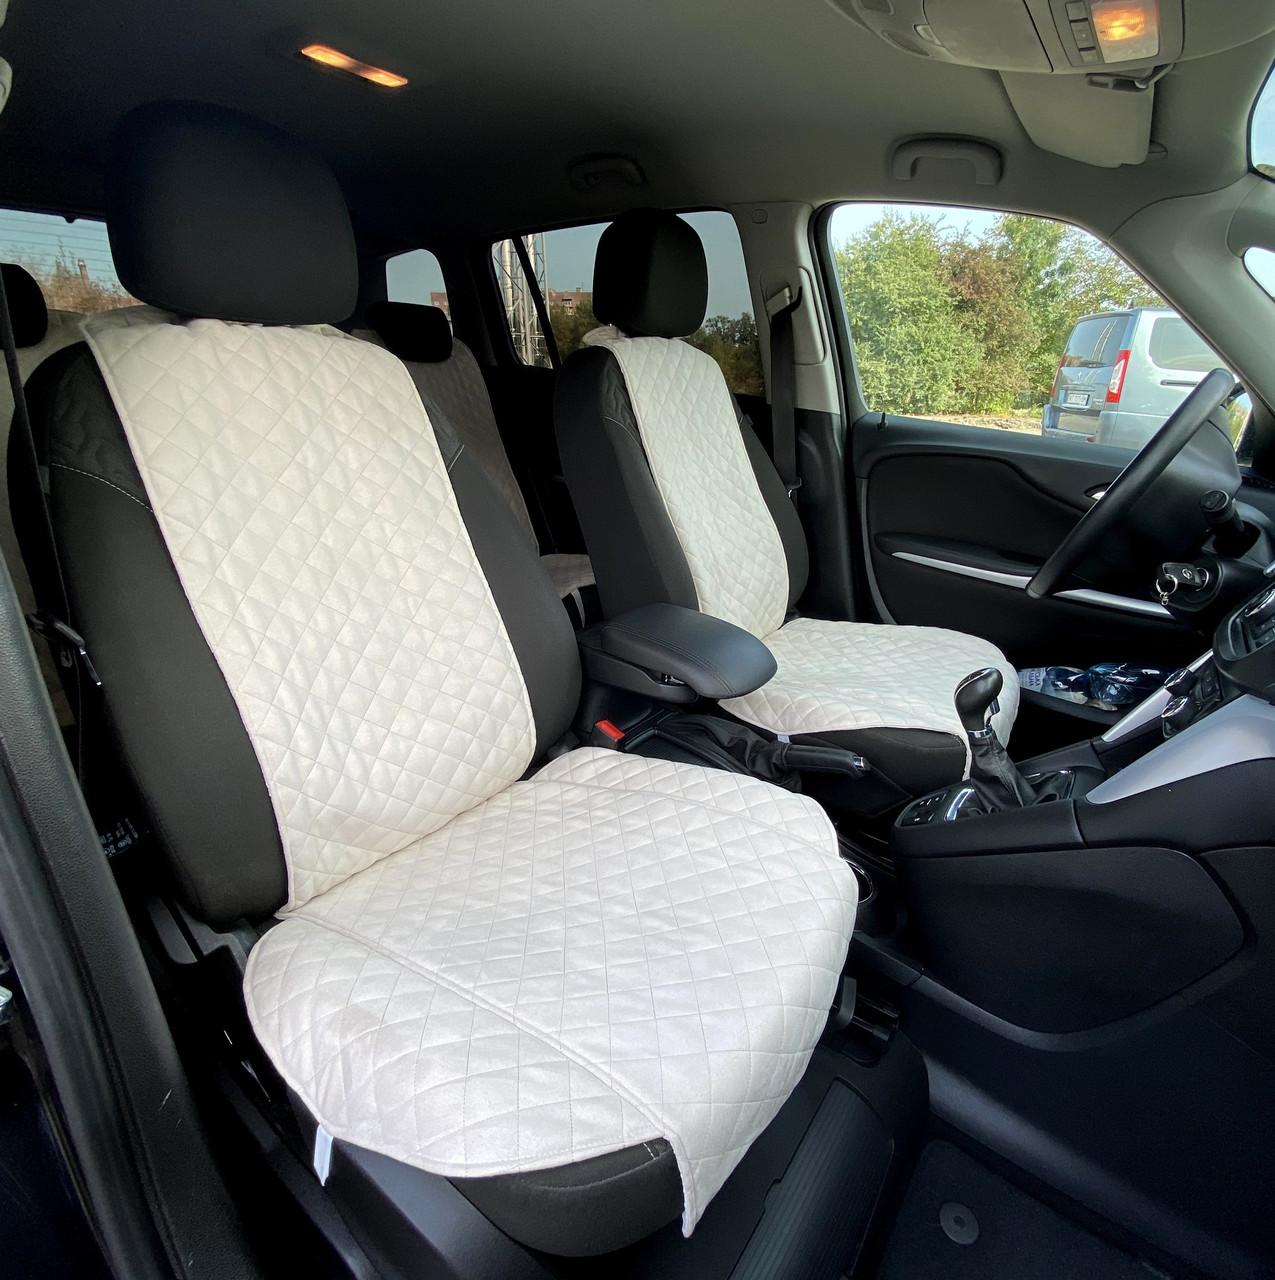 Накидки чехлы на сидения автомобиля из Алькантары Эко-замша два универсальные защитные авточехлы Айвори 2 шт